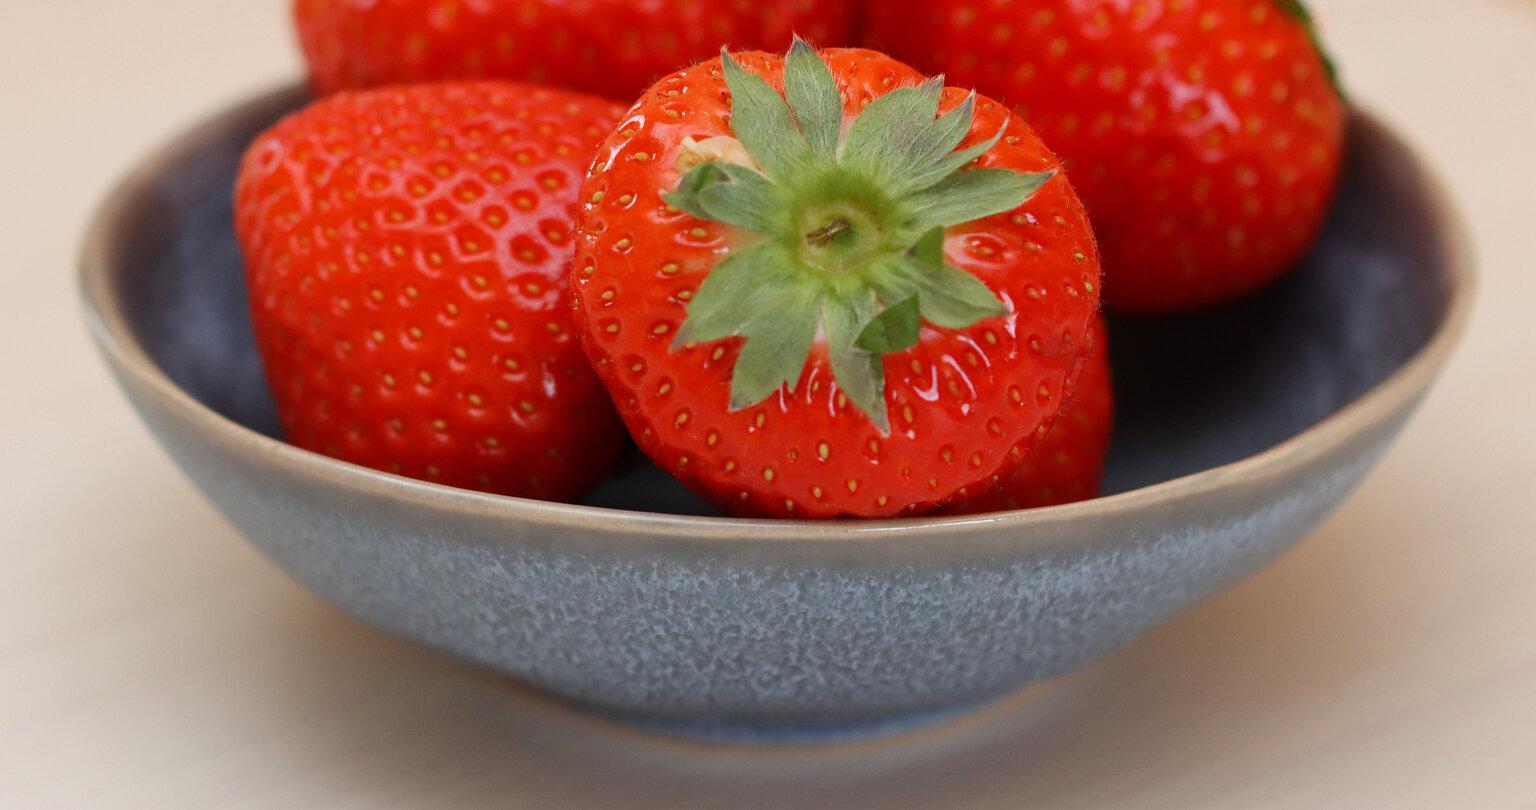 Aardbeien - Bedankt voor jullie reacties op mijn vorige upload. - foto door Dorothy op 15-04-2021 - deze foto bevat: aardbei, fruit, macro, voedsel, aardbei, fruit, natuurlijk voedsel, pittenloos fruit, hoofdvoedsel, ingrediënt, bes, fabriek, rood